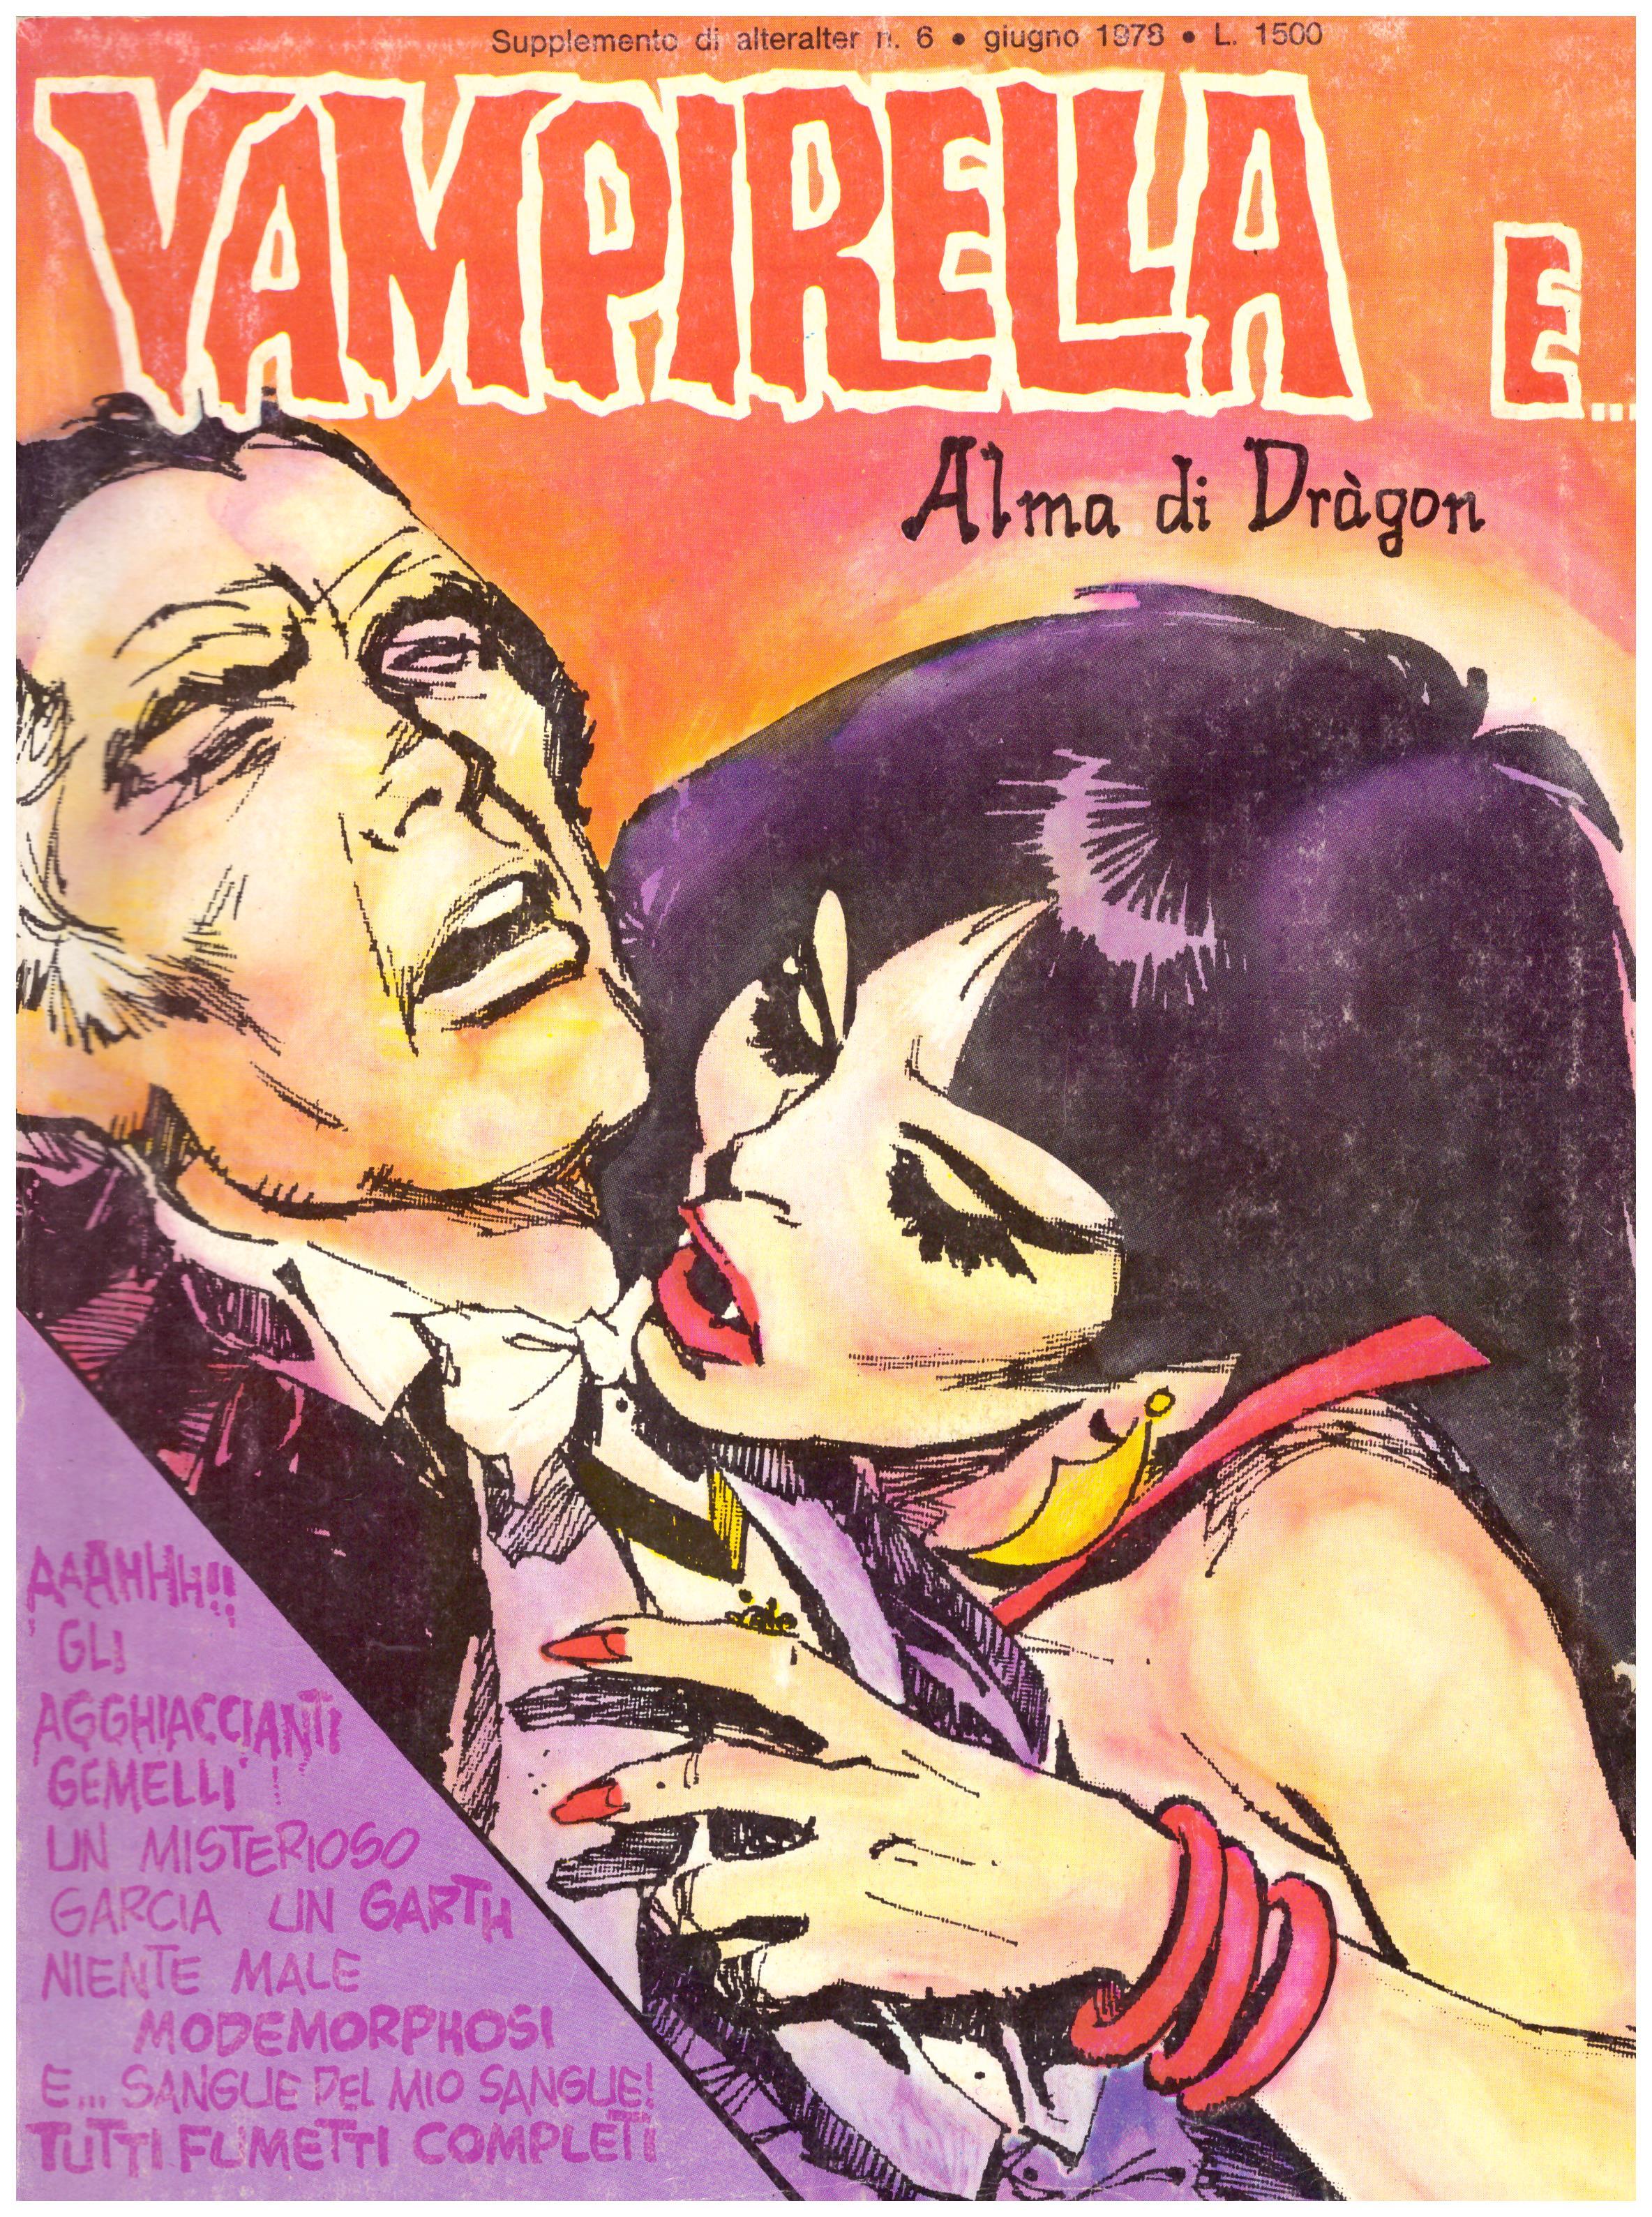 Titolo: Vampirella e alma di dragon Autore: AA.VV.  Editore: ALTERALTER 1978